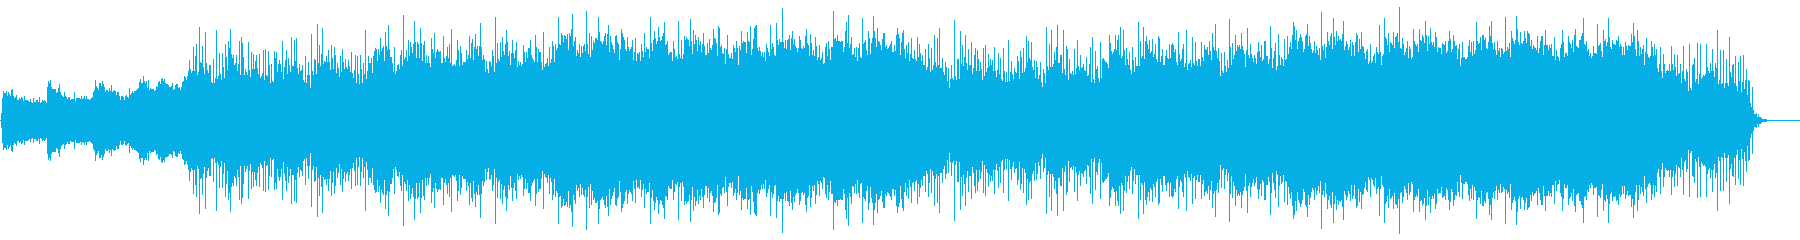 宇宙を漂うようなリラクゼーション音楽の再生済みの波形